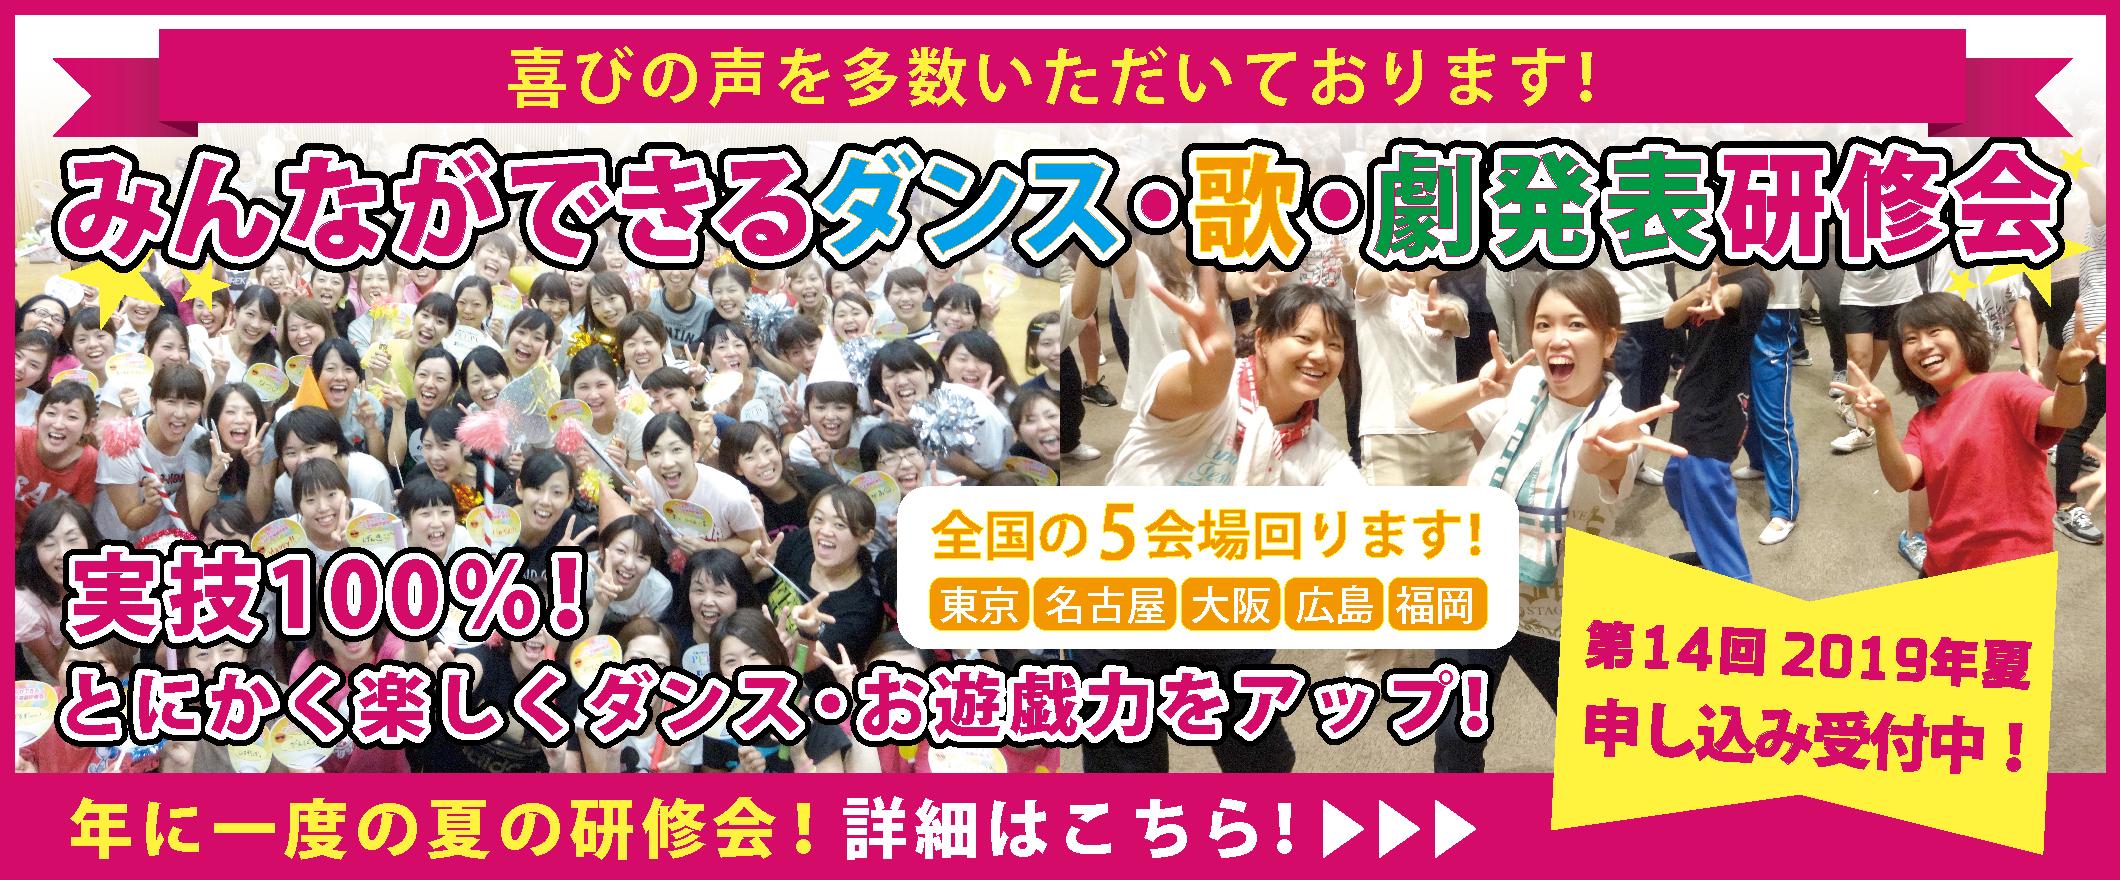 喜びの声を多数いただいております! みんなができるダンス・歌・劇発表研修会 実技100%! とにかく楽しくダンス・お遊戯力をアップ! 全国の5会場回ります! 東京 名古屋 大阪 広島 福岡 年に一度の夏の研修会! 第14回 2019年夏 申し込み受付中!